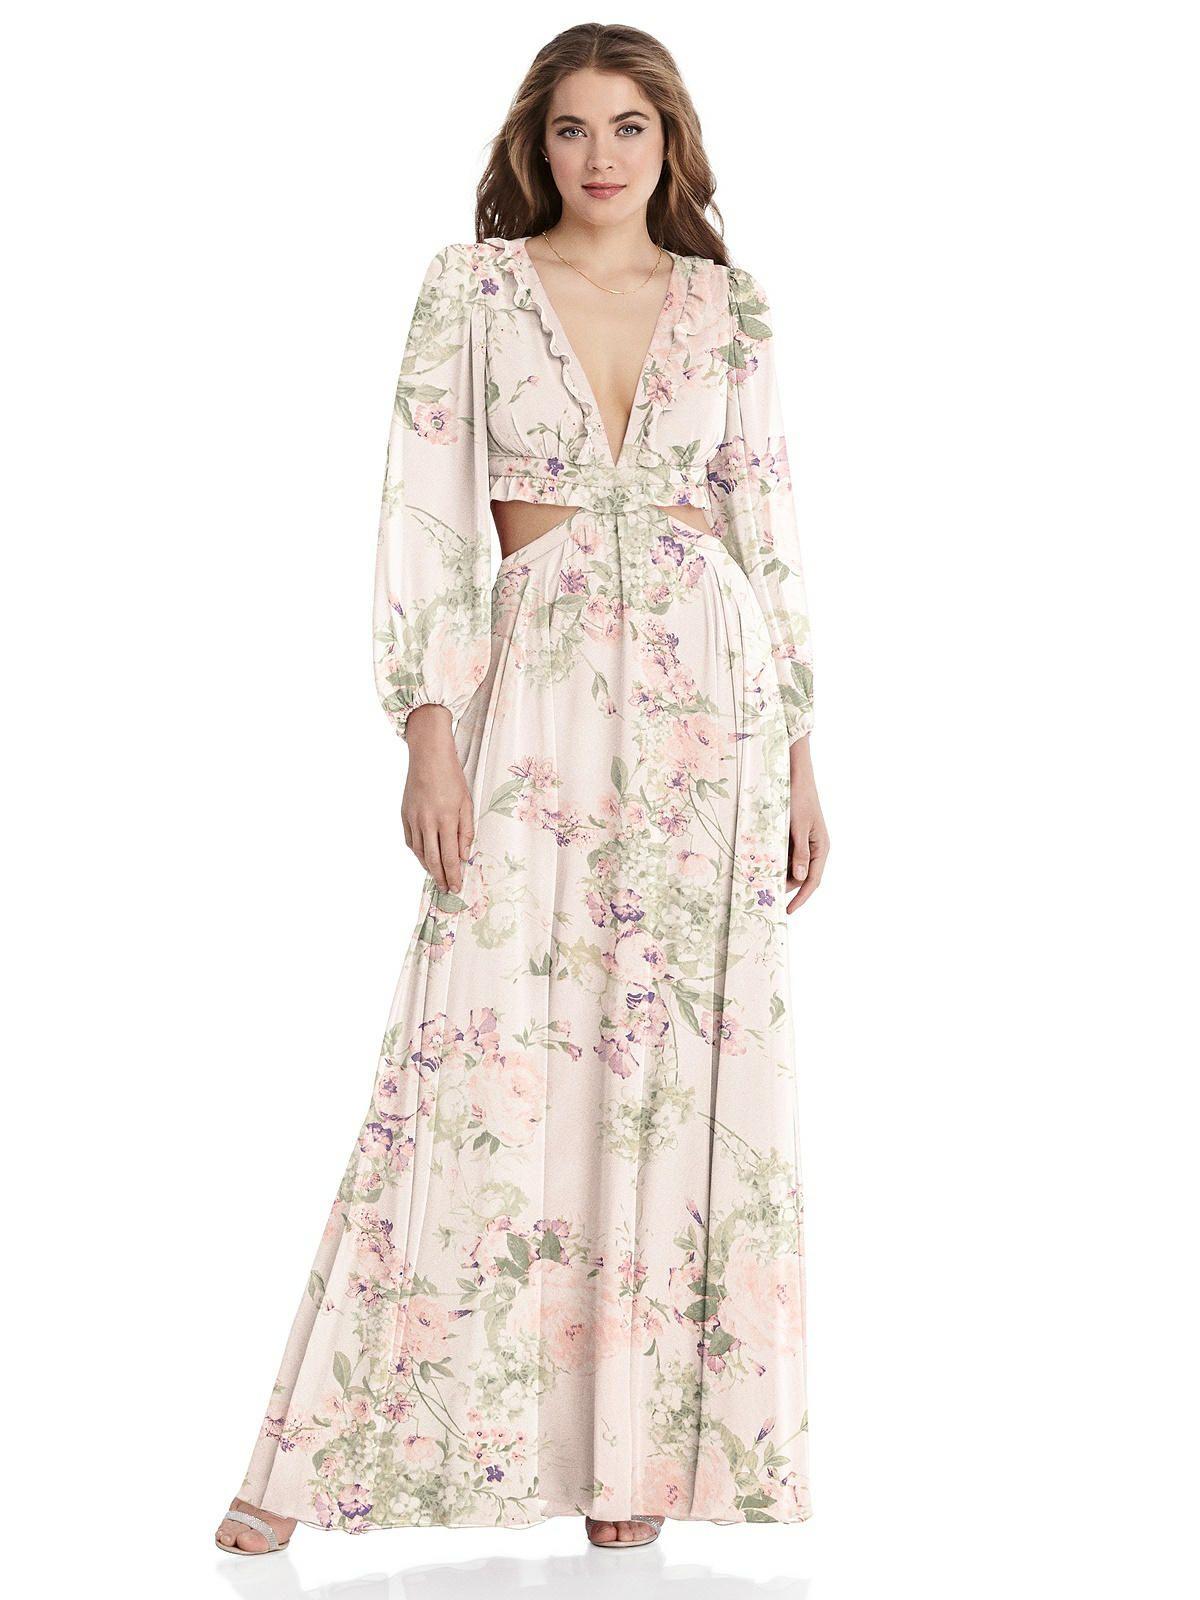 Bishop Sleeve Ruffled Chiffon Cutout Maxi Dress Harlow Cutout Maxi Dress House Dress Chiffon Ruffle [ 1600 x 1200 Pixel ]